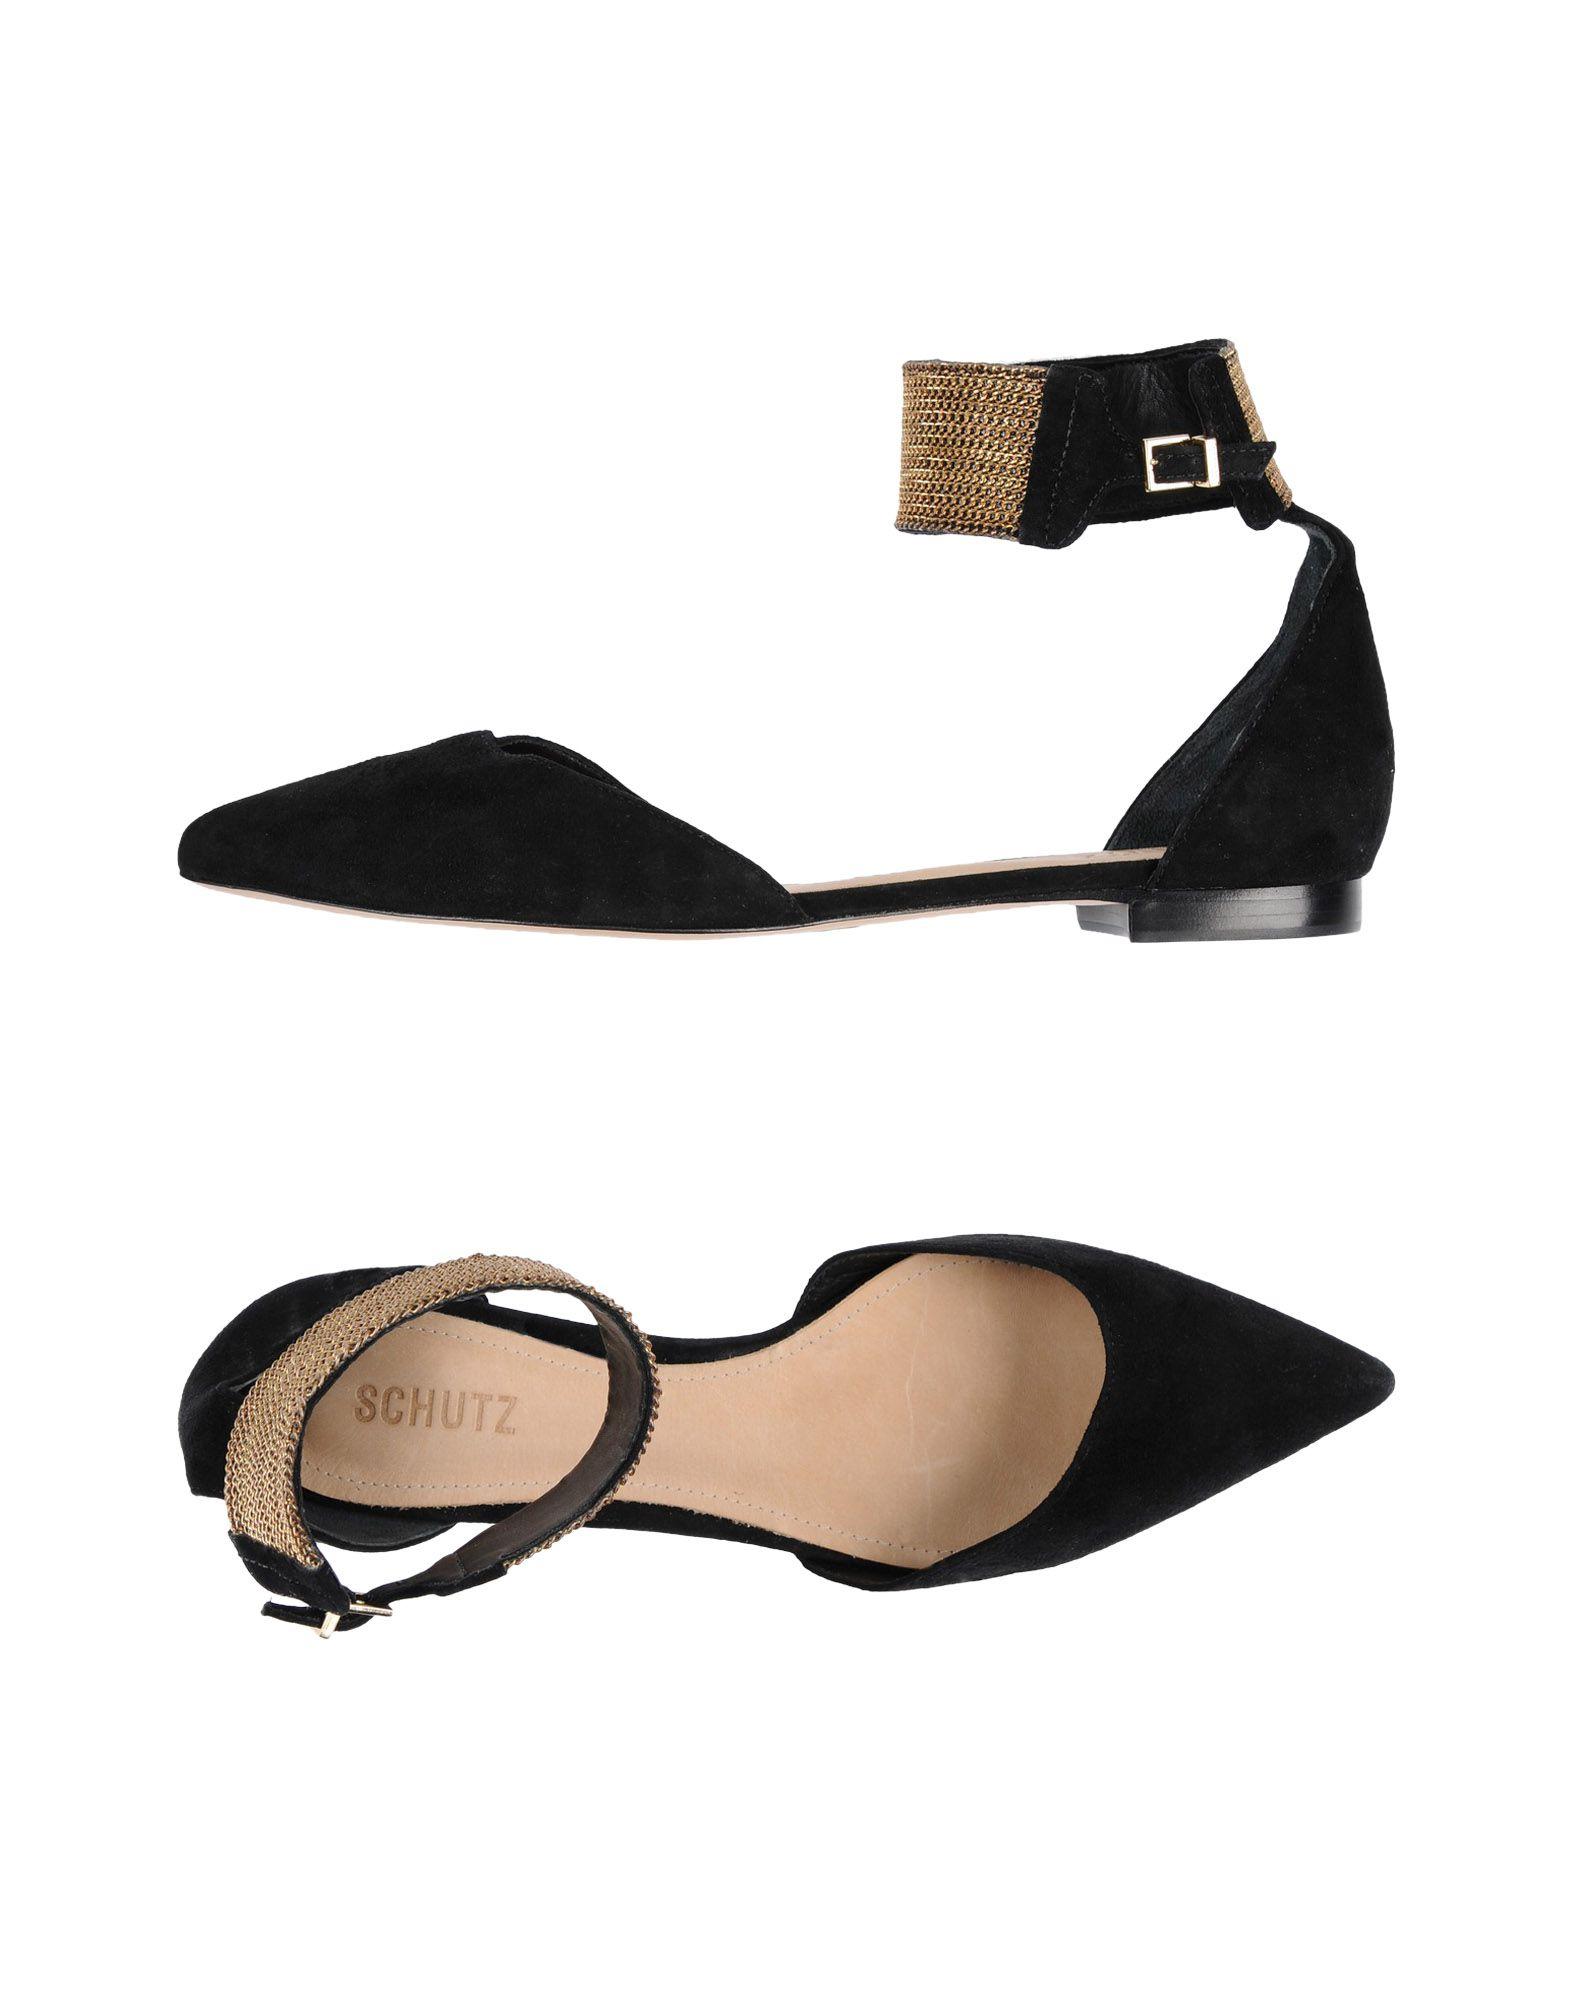 Haltbare Mode billige Schuhe Schutz Ballerinas Damen  11463593CO Heiße Schuhe